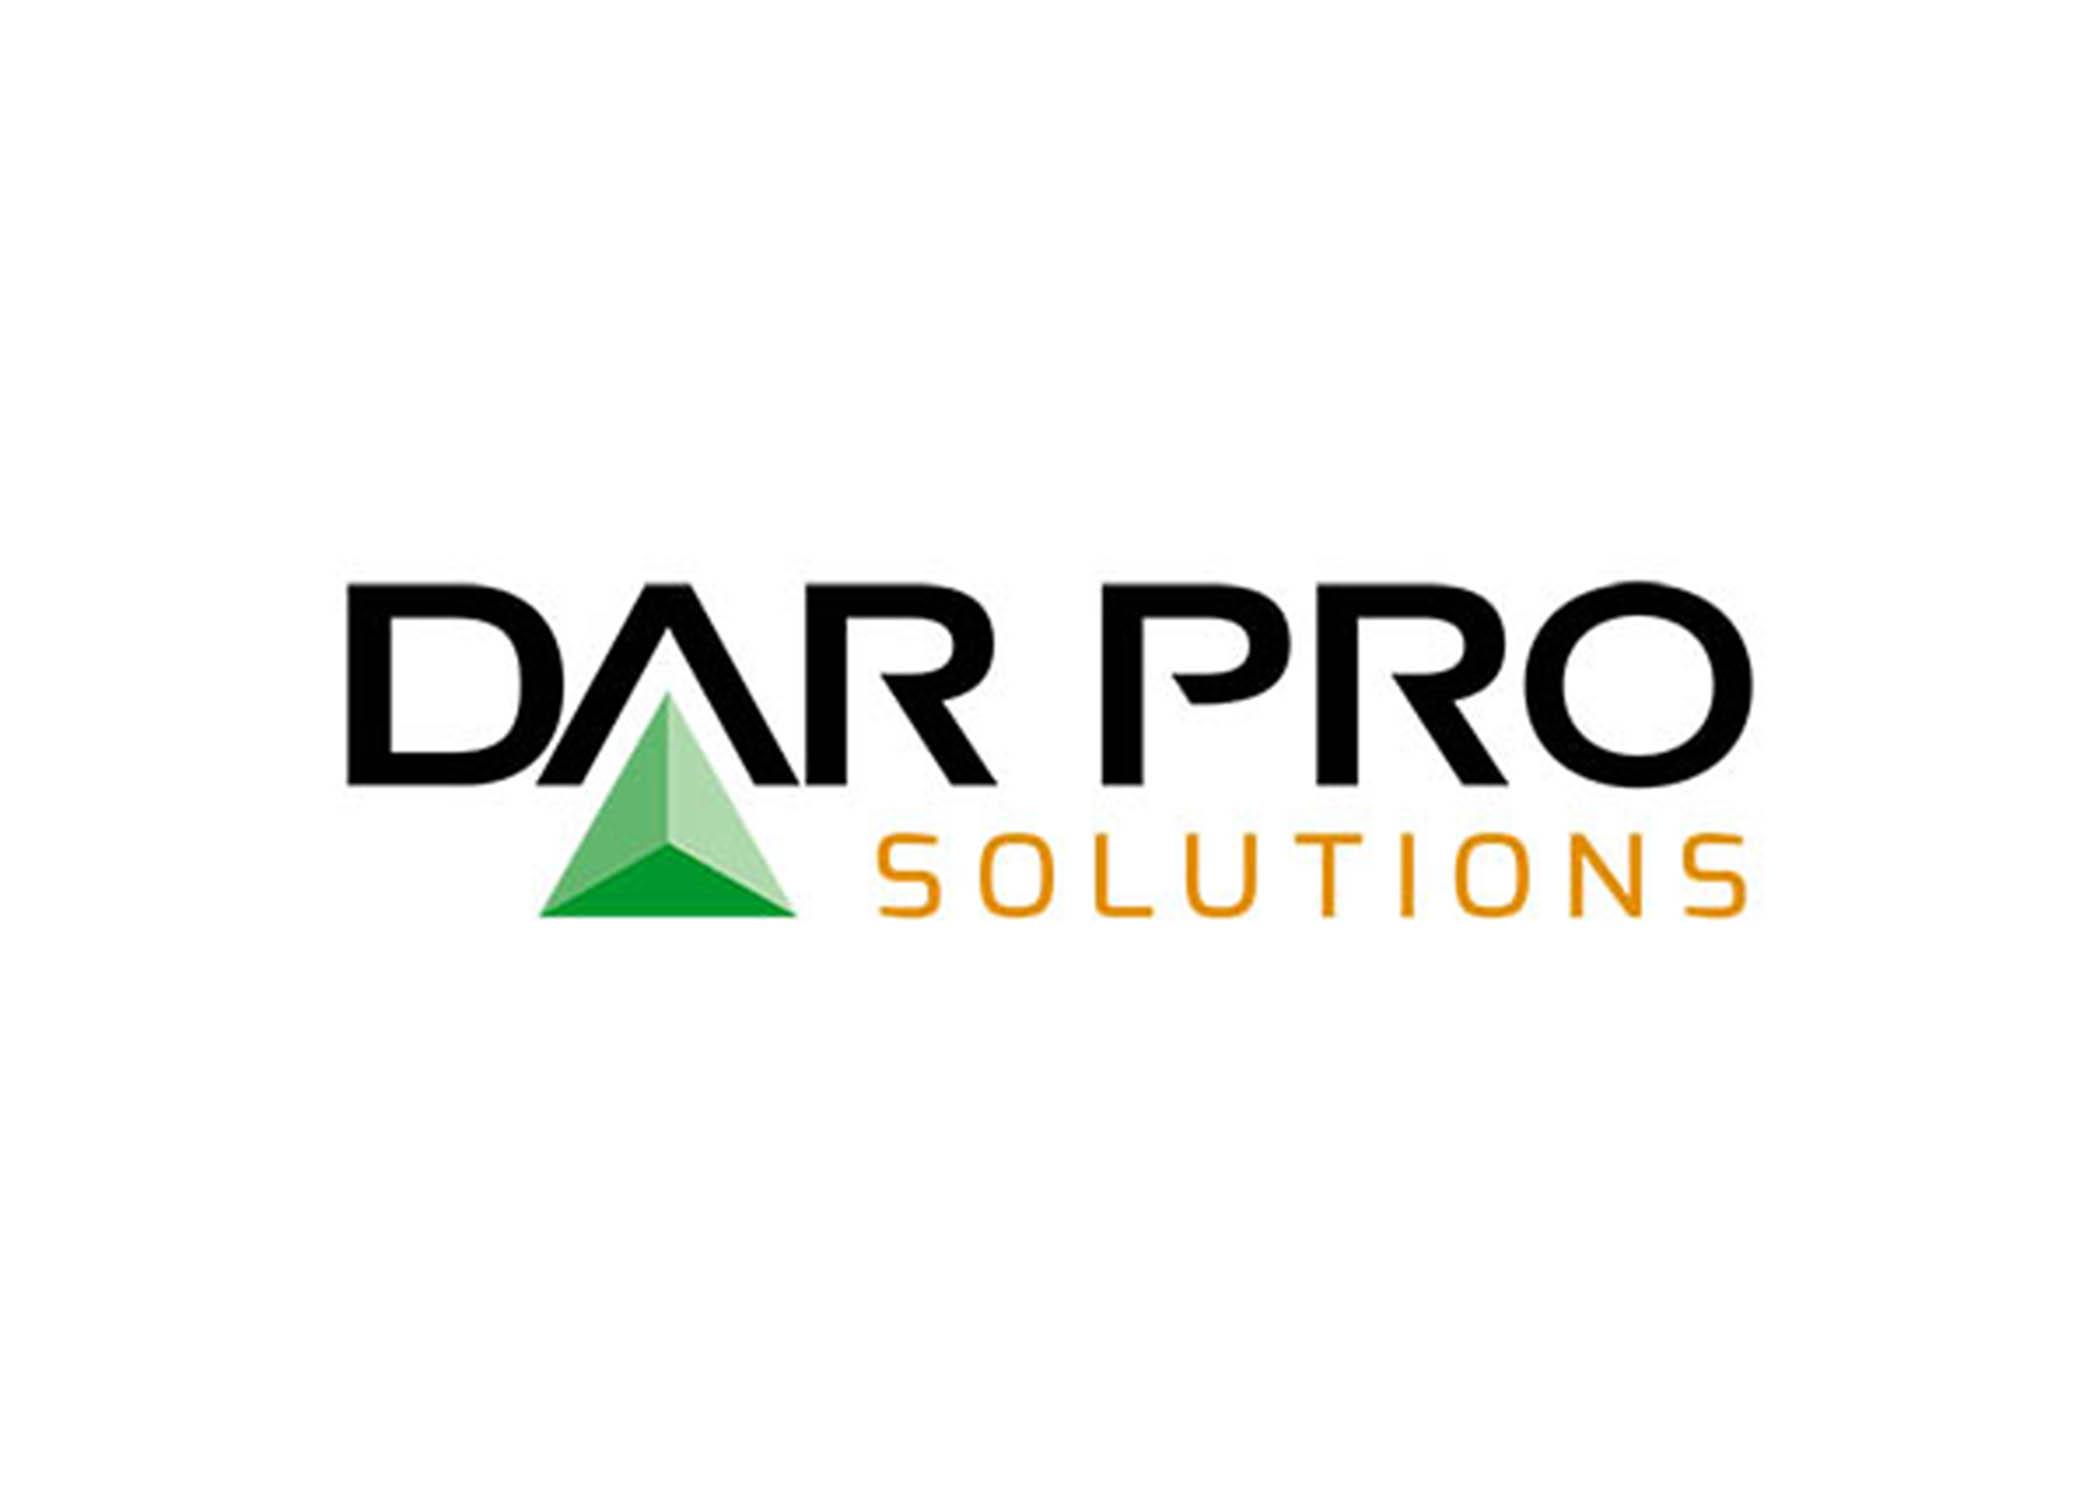 DAR PRO Solutions